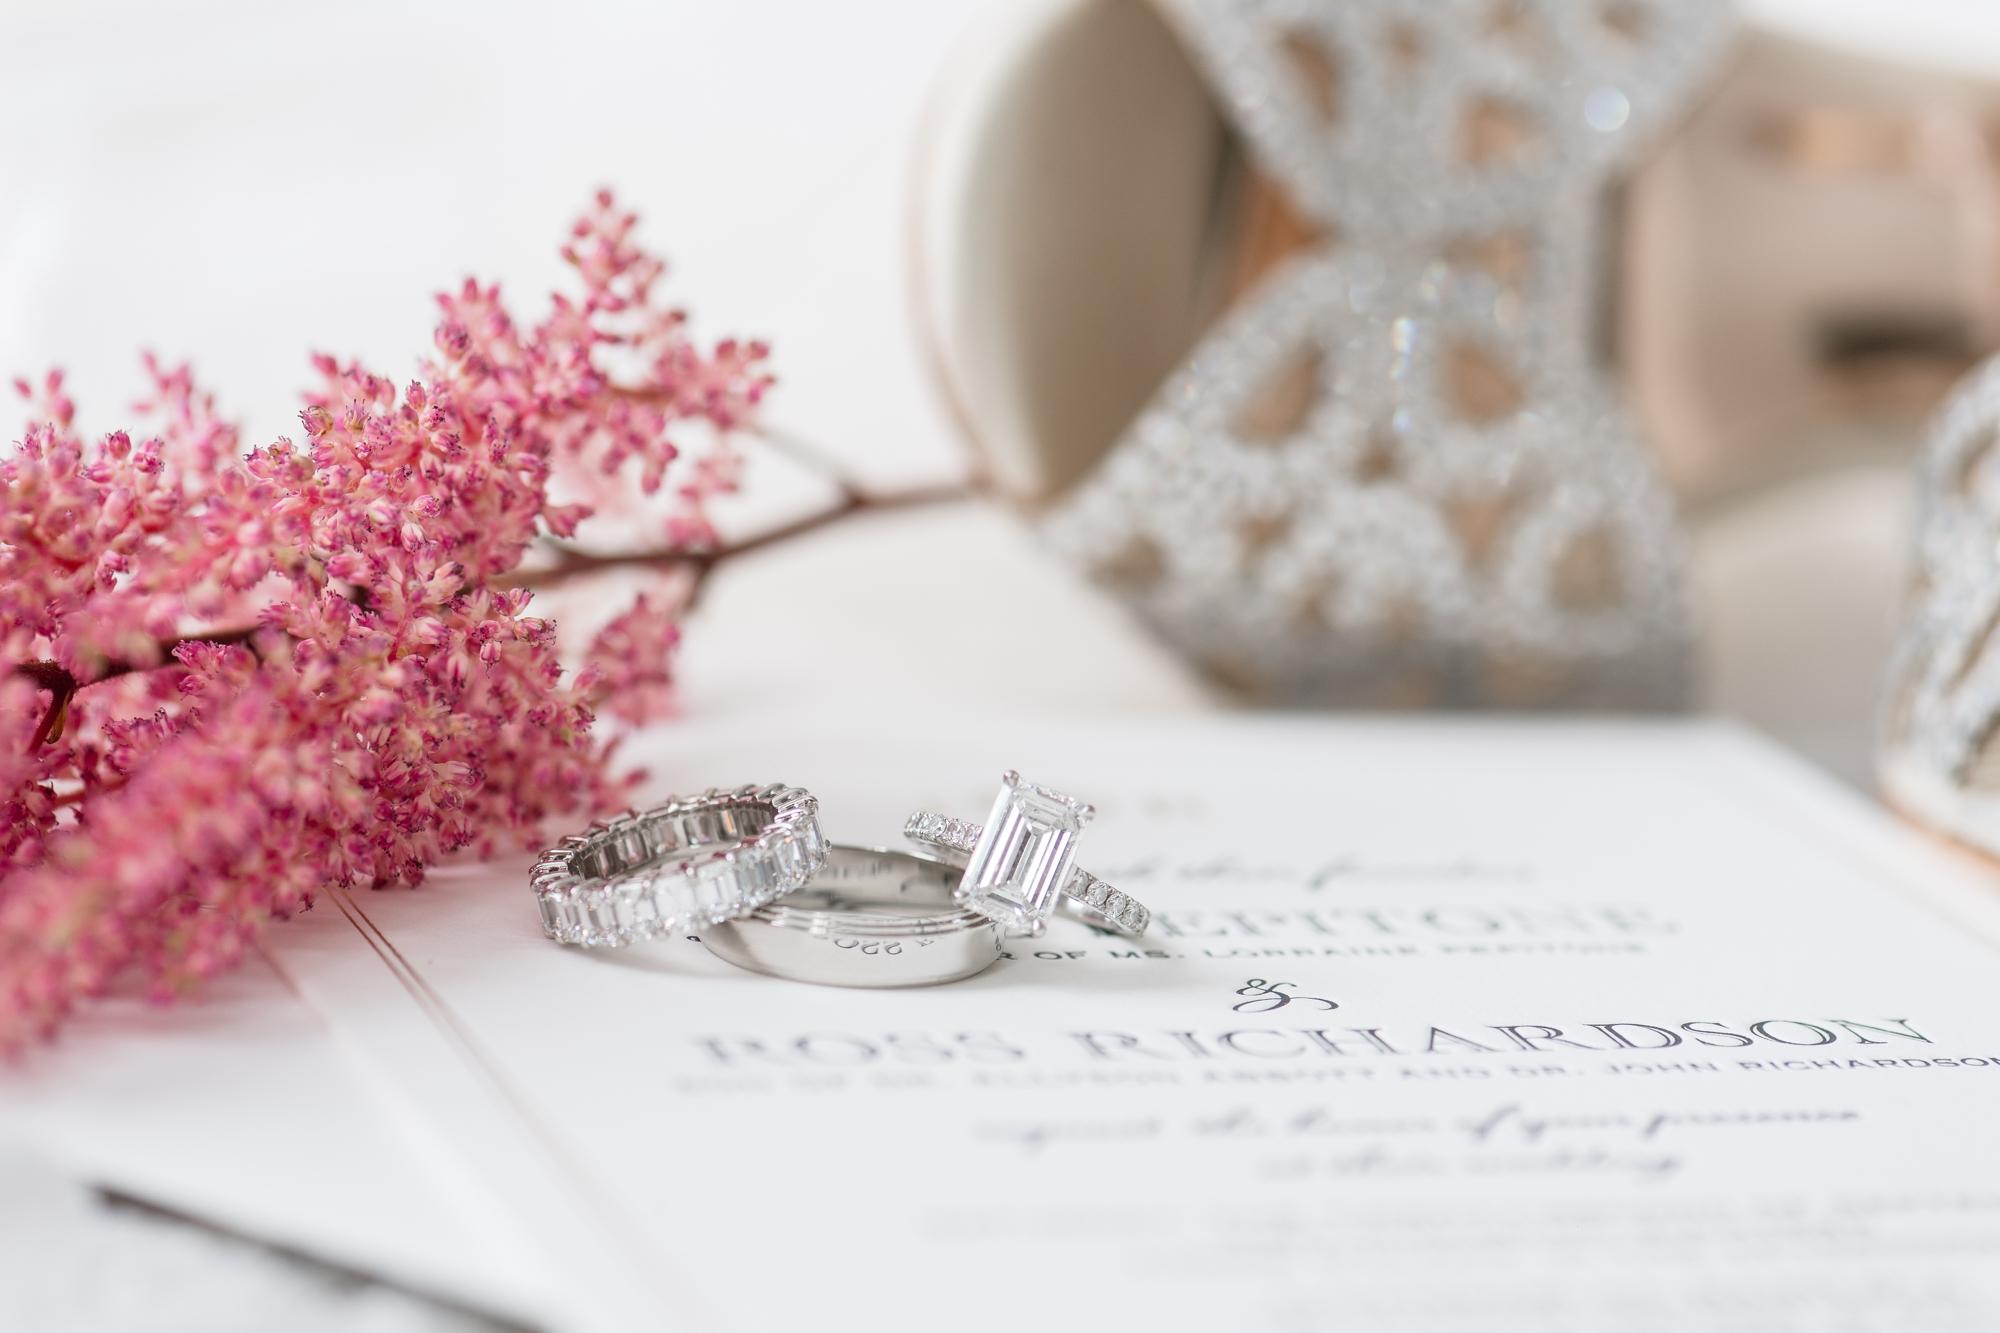 emerald cut wedding ring